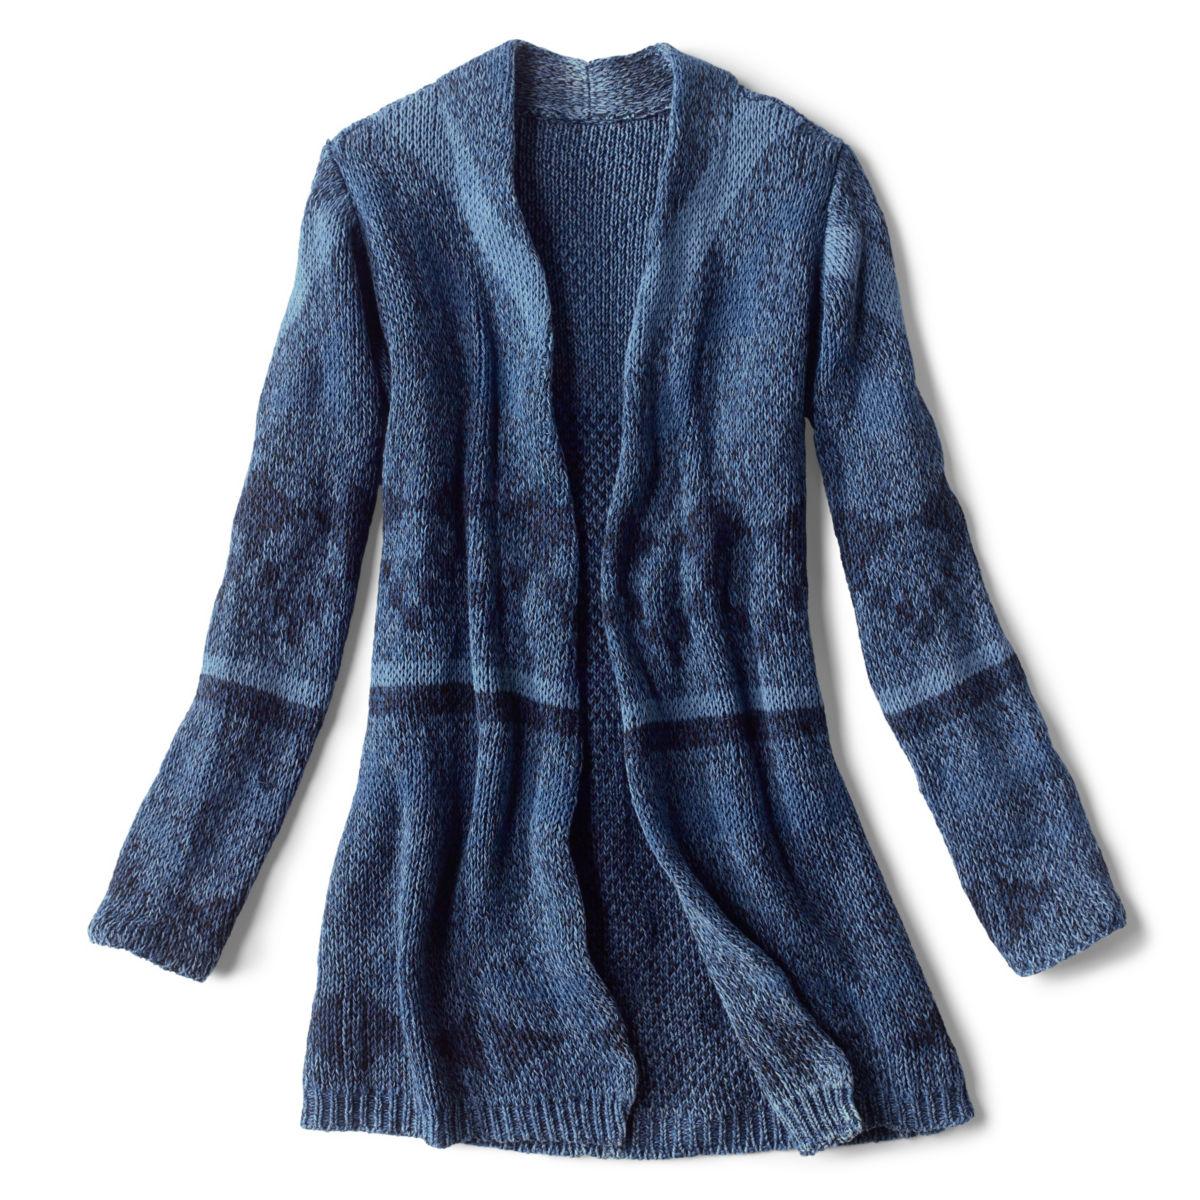 Washed Indigo Pattern Cardigan - INDIGO MULTIimage number 0